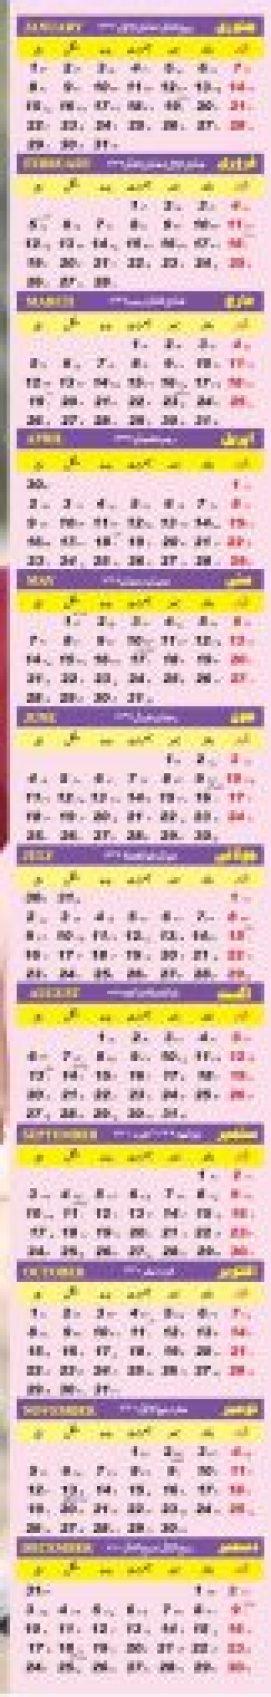 English and Islamic dates 2018 Calendar In Pakistan